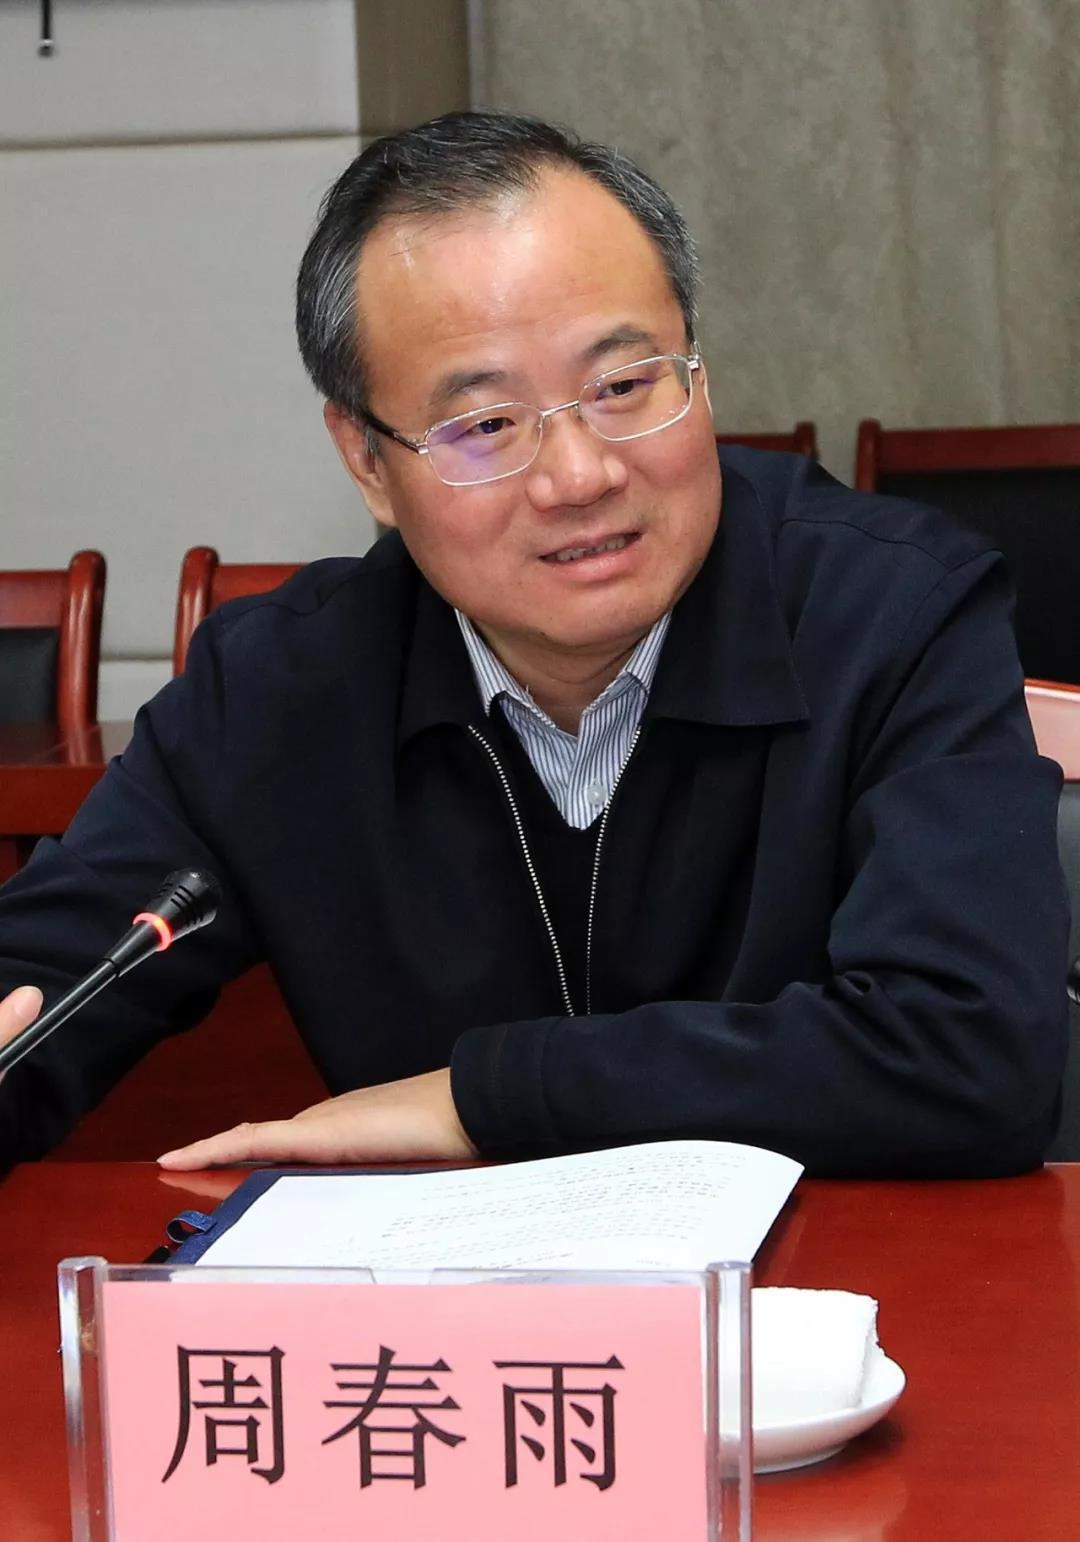 """安徽第七位落马副省长与安徽""""高层炒股圈""""的秘密"""